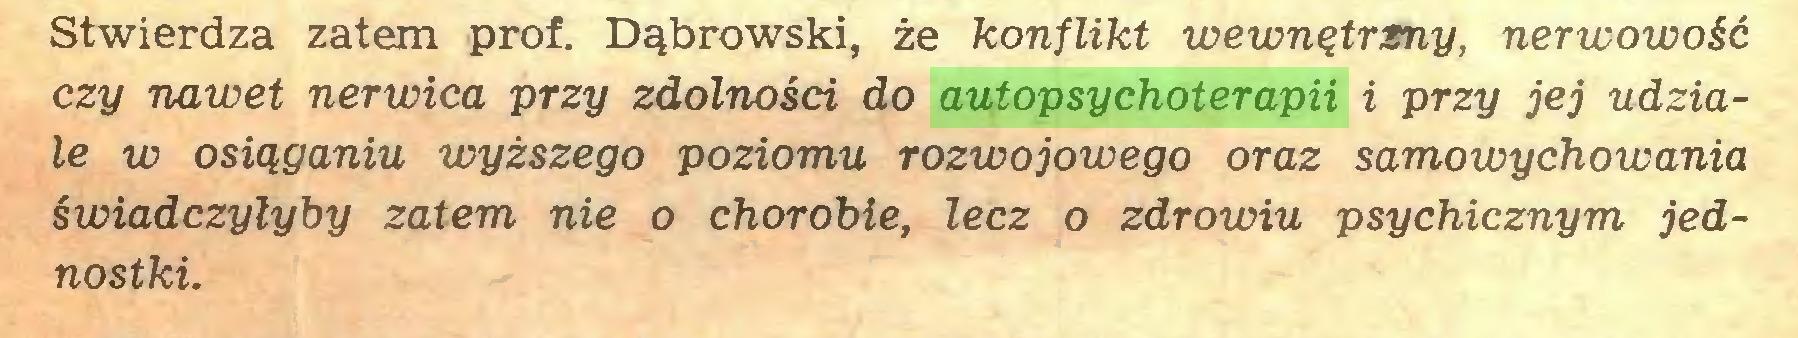 (...) Stwierdza zatem prof. Dąbrowski, że konflikt wewnętrzny, nerwowość czy nawet nerwica przy zdolności do autopsychoterapii i przy jej udziale w osiąganiu wyższego poziomu rozwojowego oraz samowychowania świadczyłyby zatem nie o chorobie, lecz o zdrowiu psychicznym jednostki...